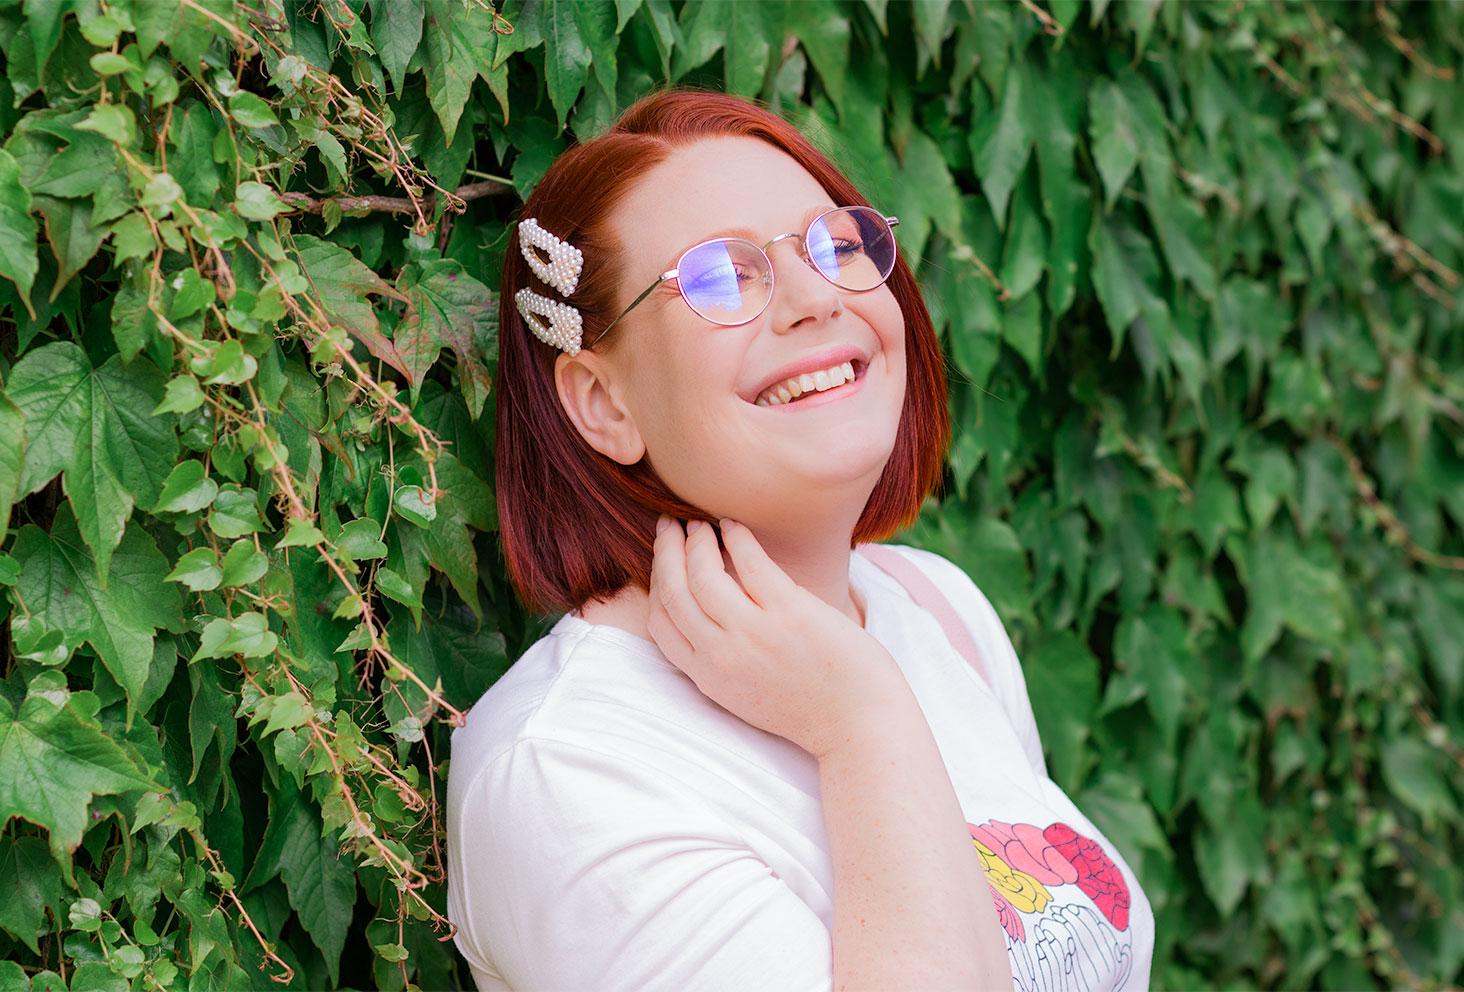 Zoom sur les barrettes en perles blanches SheIn portée, de profil le long d'un mur recouvert de feuilles, avec le sourire